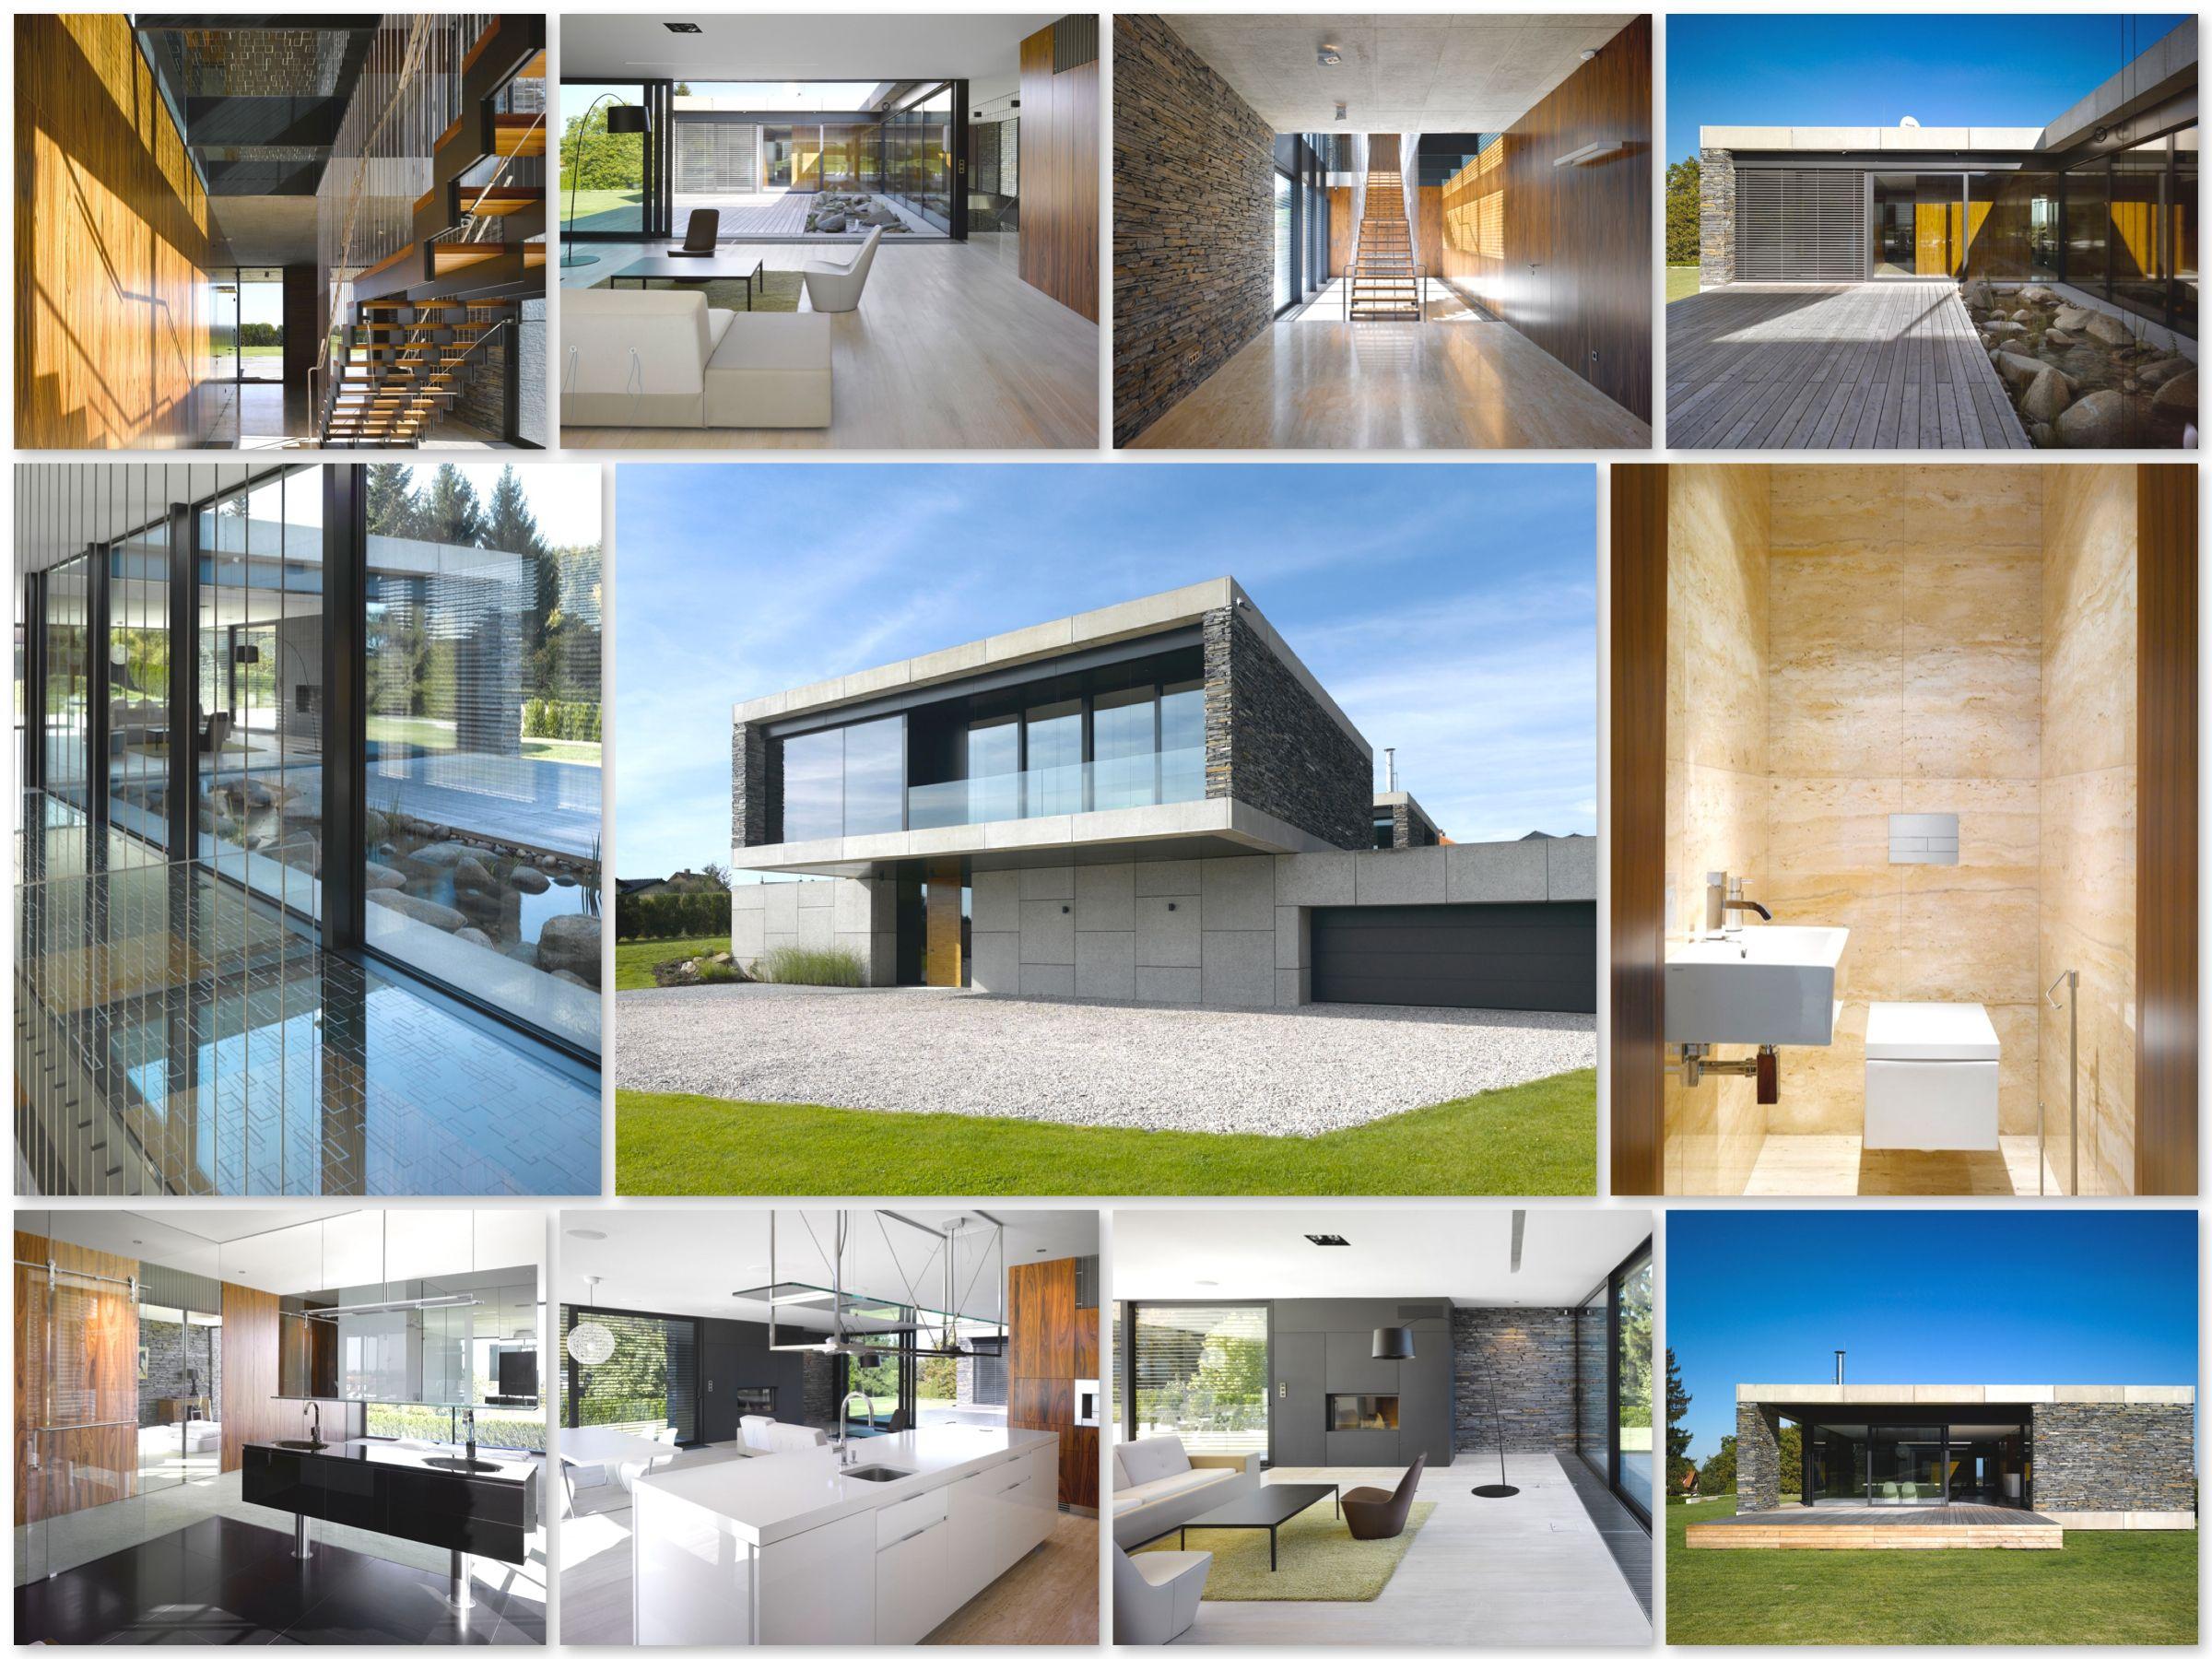 Refreshing and cool design at Villa Ritka